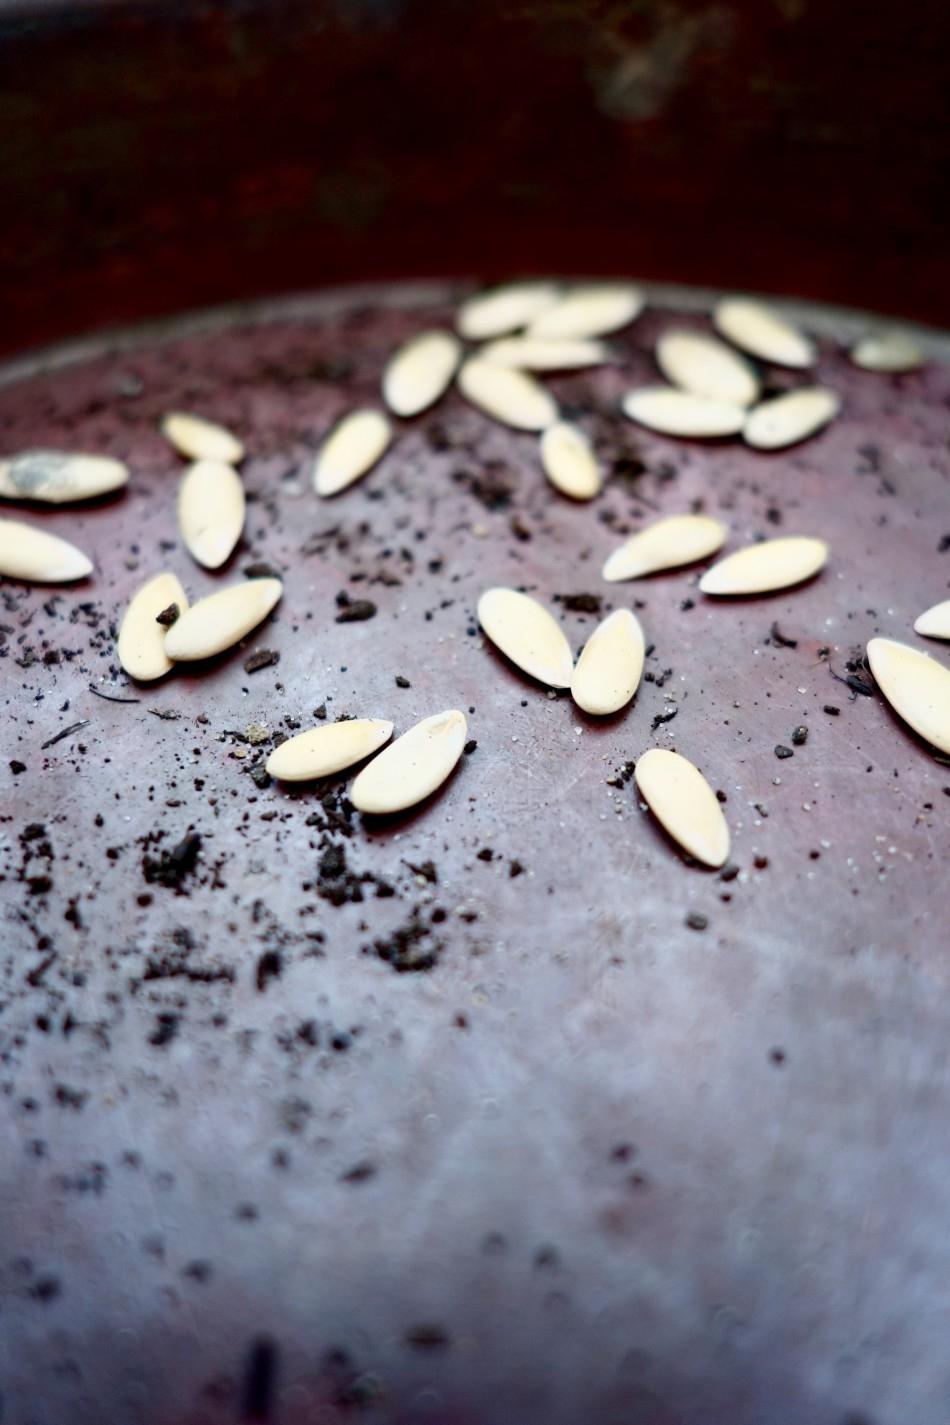 seeds-small-food.jpg